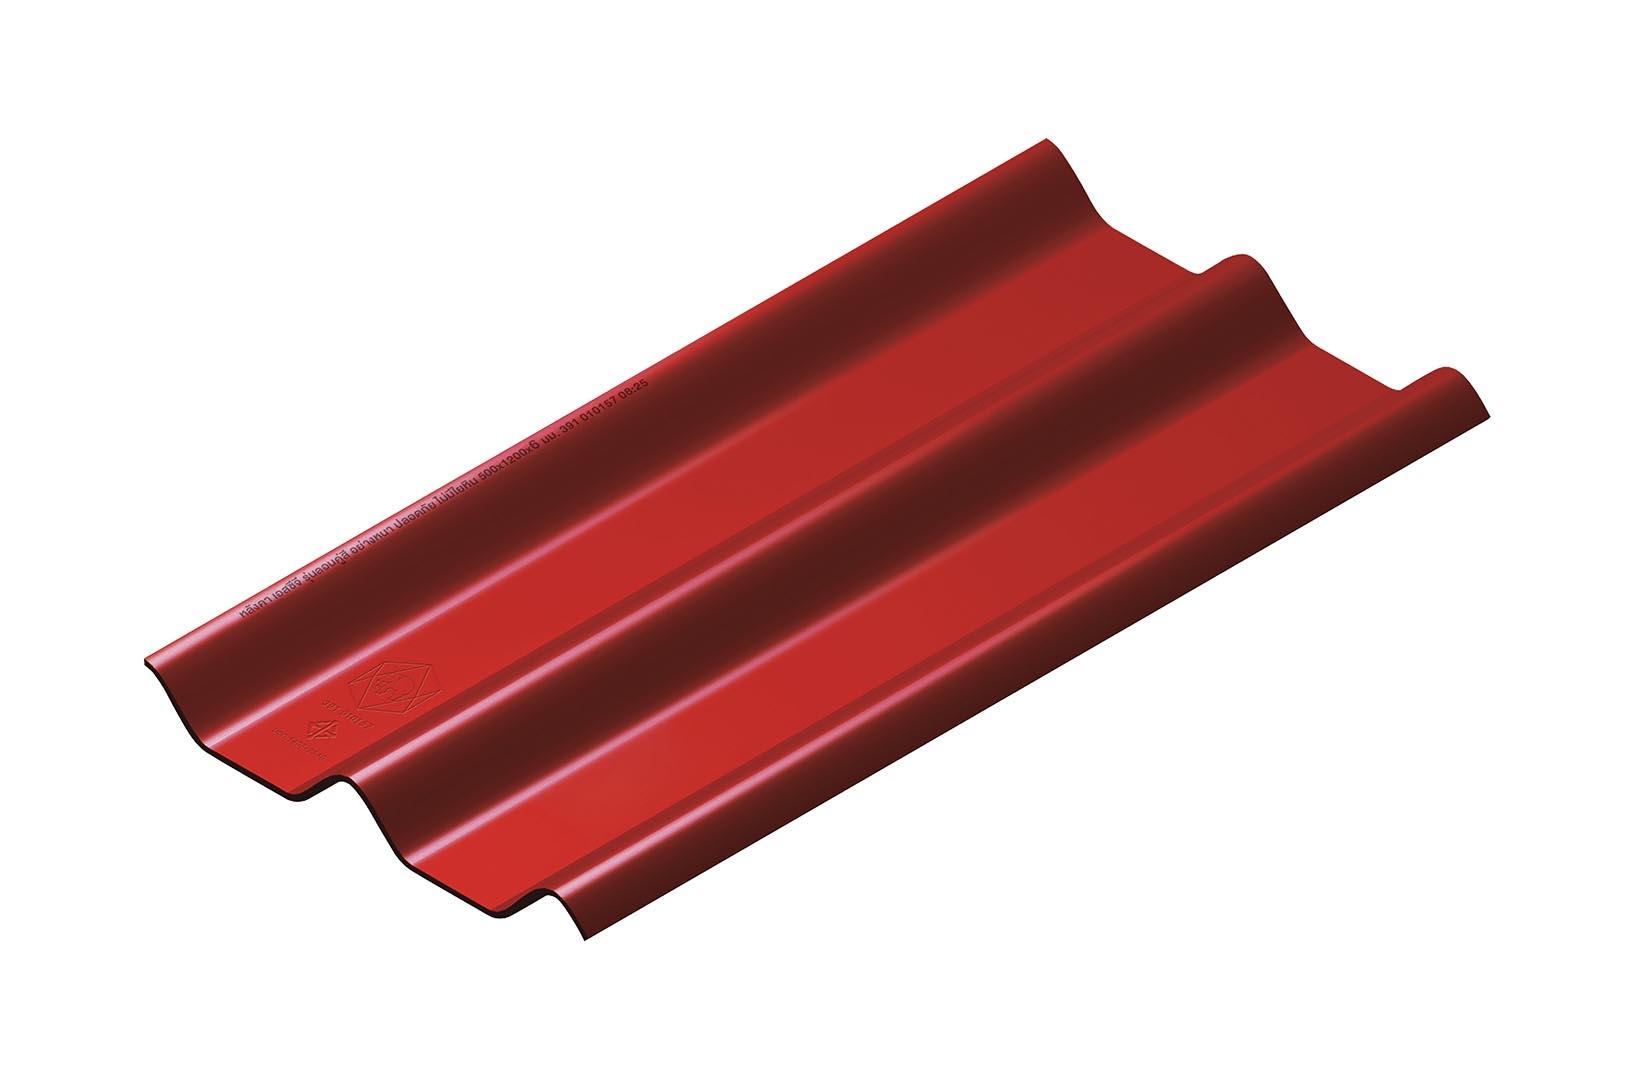 หลังคาไฟเบอร์ซีเมนต์-เอสซีจี-รุ่น-ลอนคู่ไฮบริด-50x120x0.55-Red